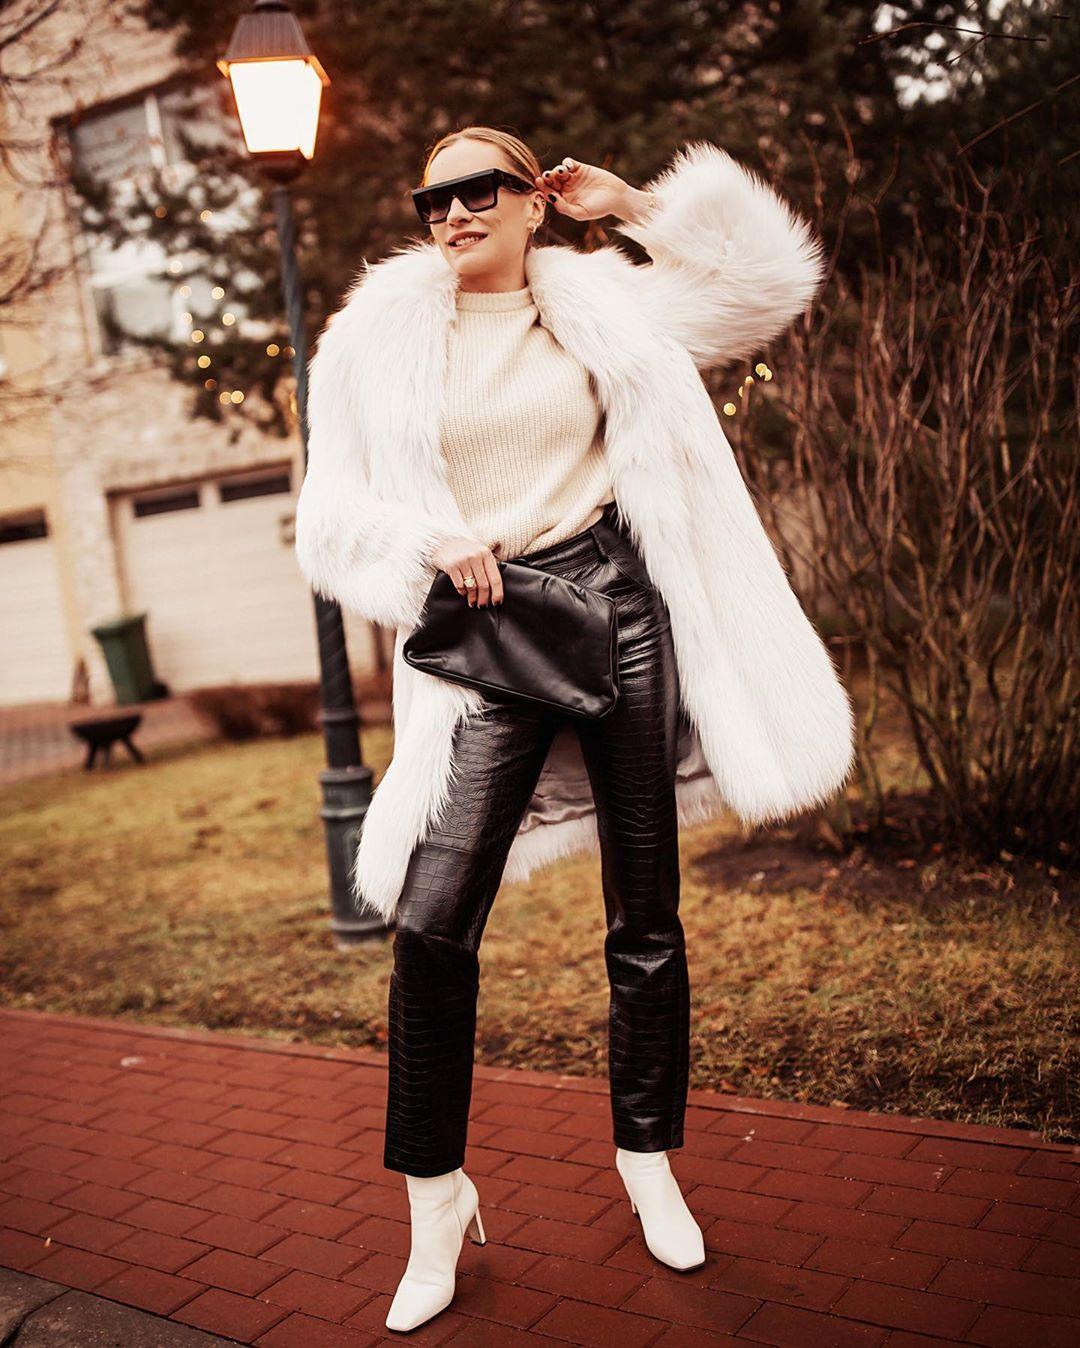 модные образы для бизнес-леди зимы 2020 фото 8